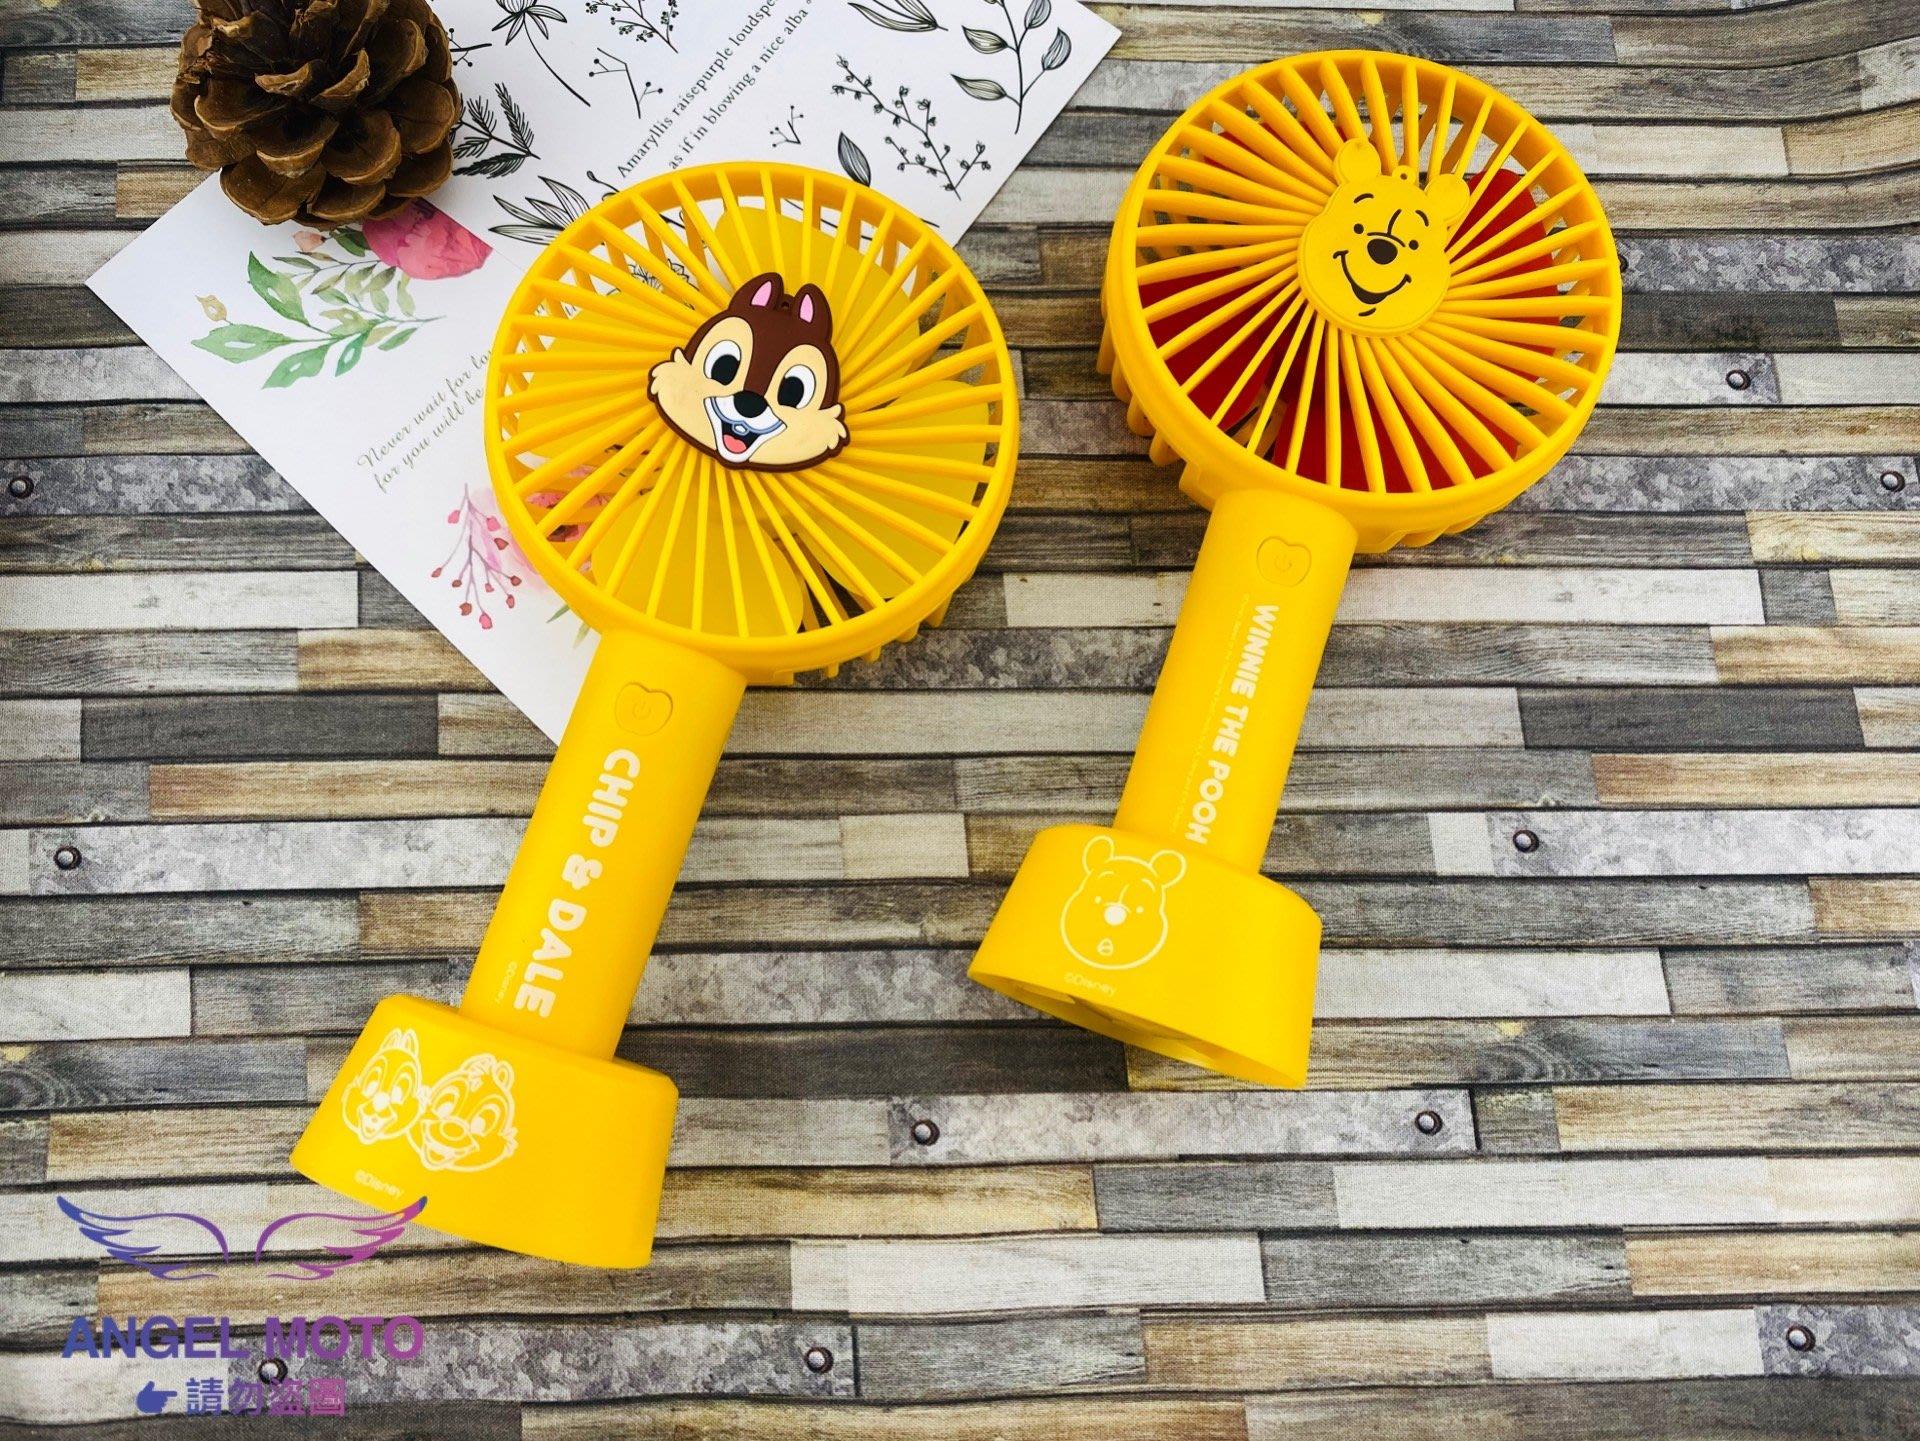 迪士尼 輕巧電風扇 手持風扇 USB手持風扇 隨身風扇 迷你風扇 風扇台扇 奇奇 小熊維尼